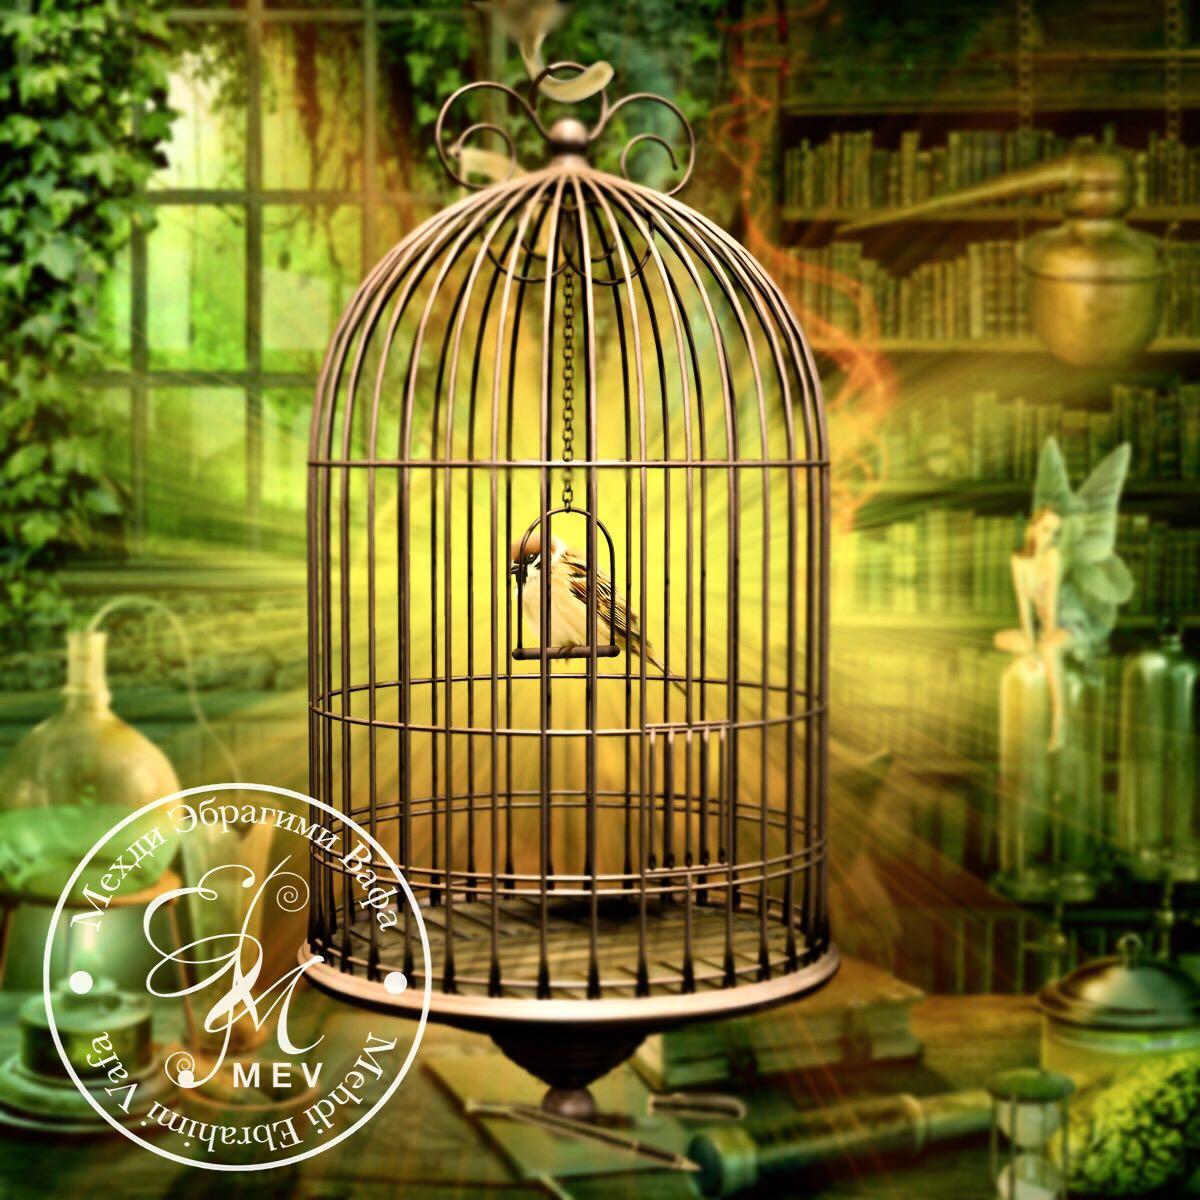 Любовь - это и есть свобода. Автор: Мехди Эбрагими Вафа